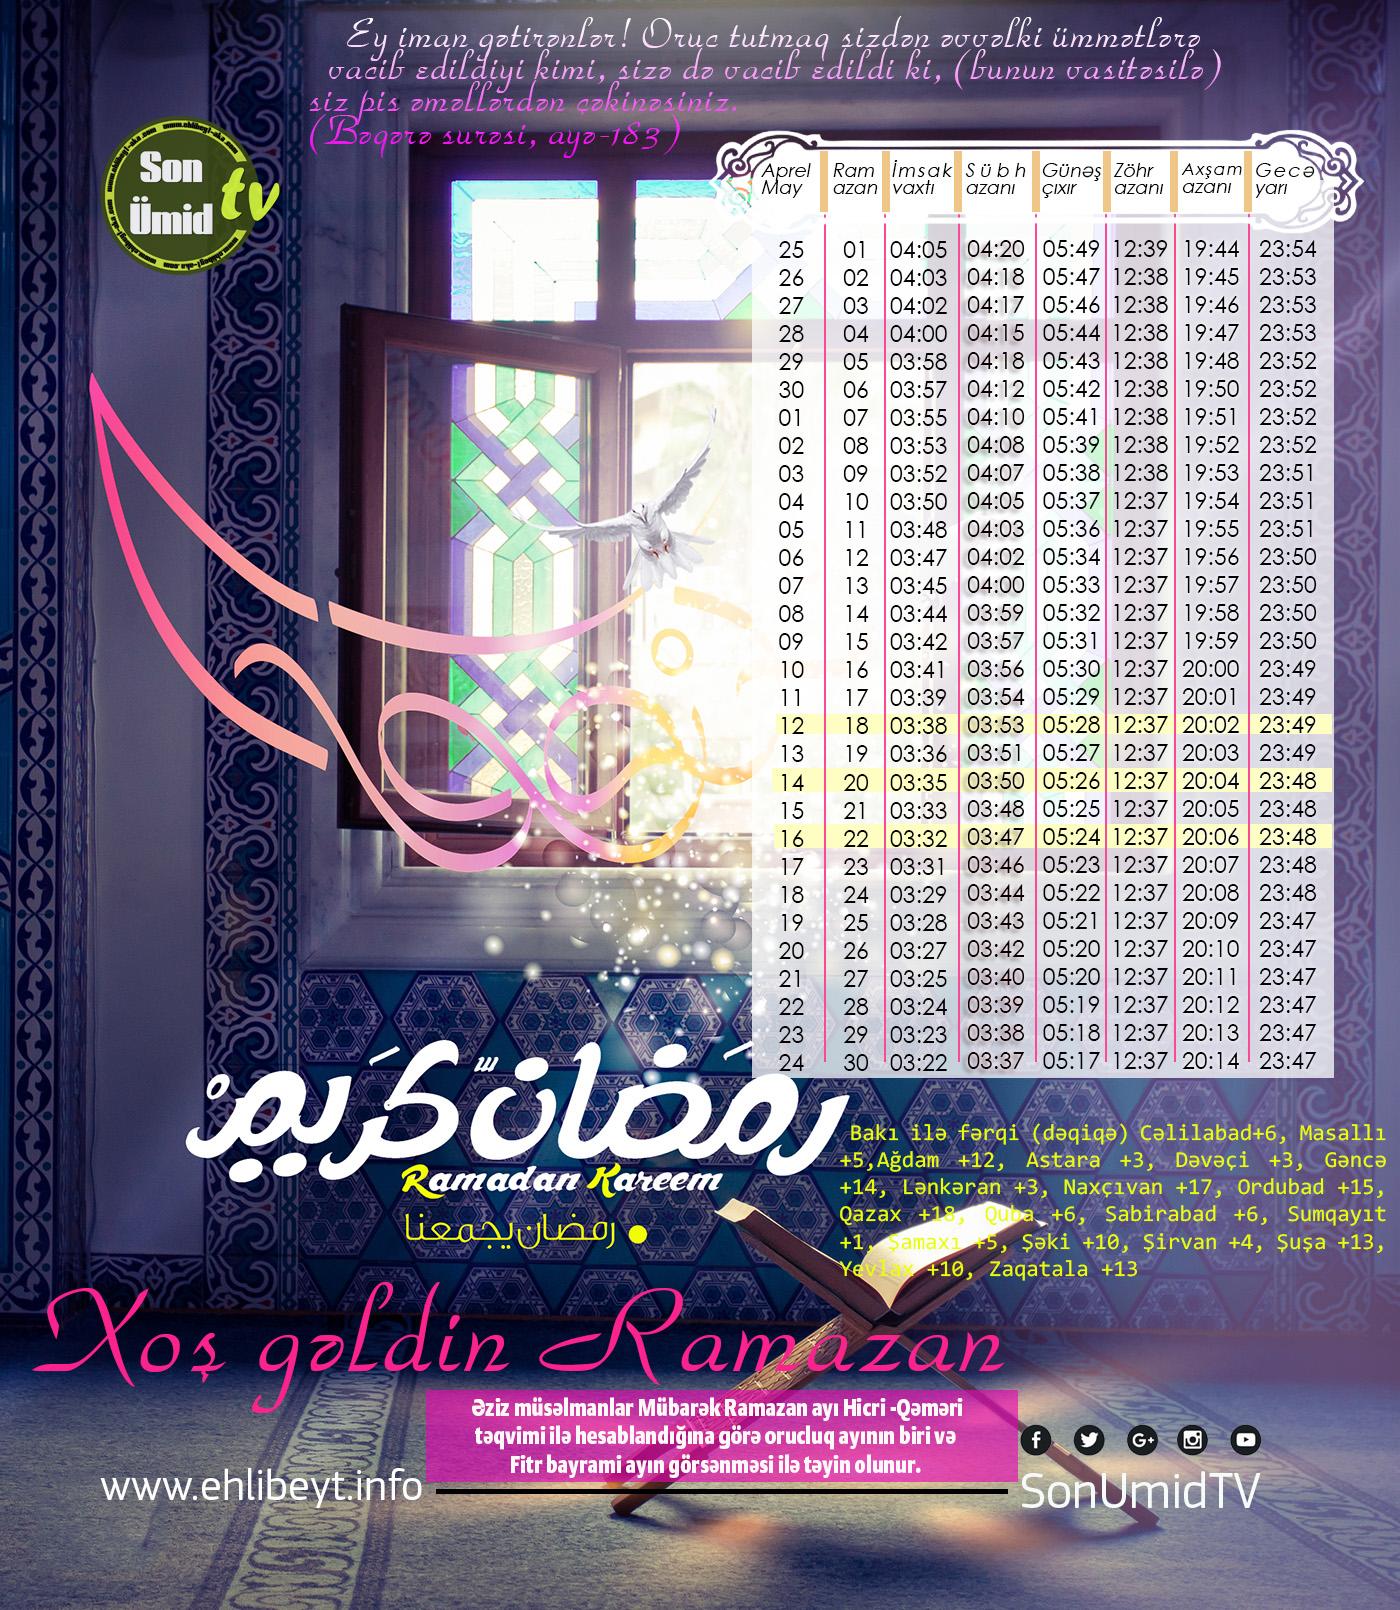 Mübarək Ramazan ayının birinci gecəsinə məxsus əməllər və dualar aşağıdakılardan ibarətdir